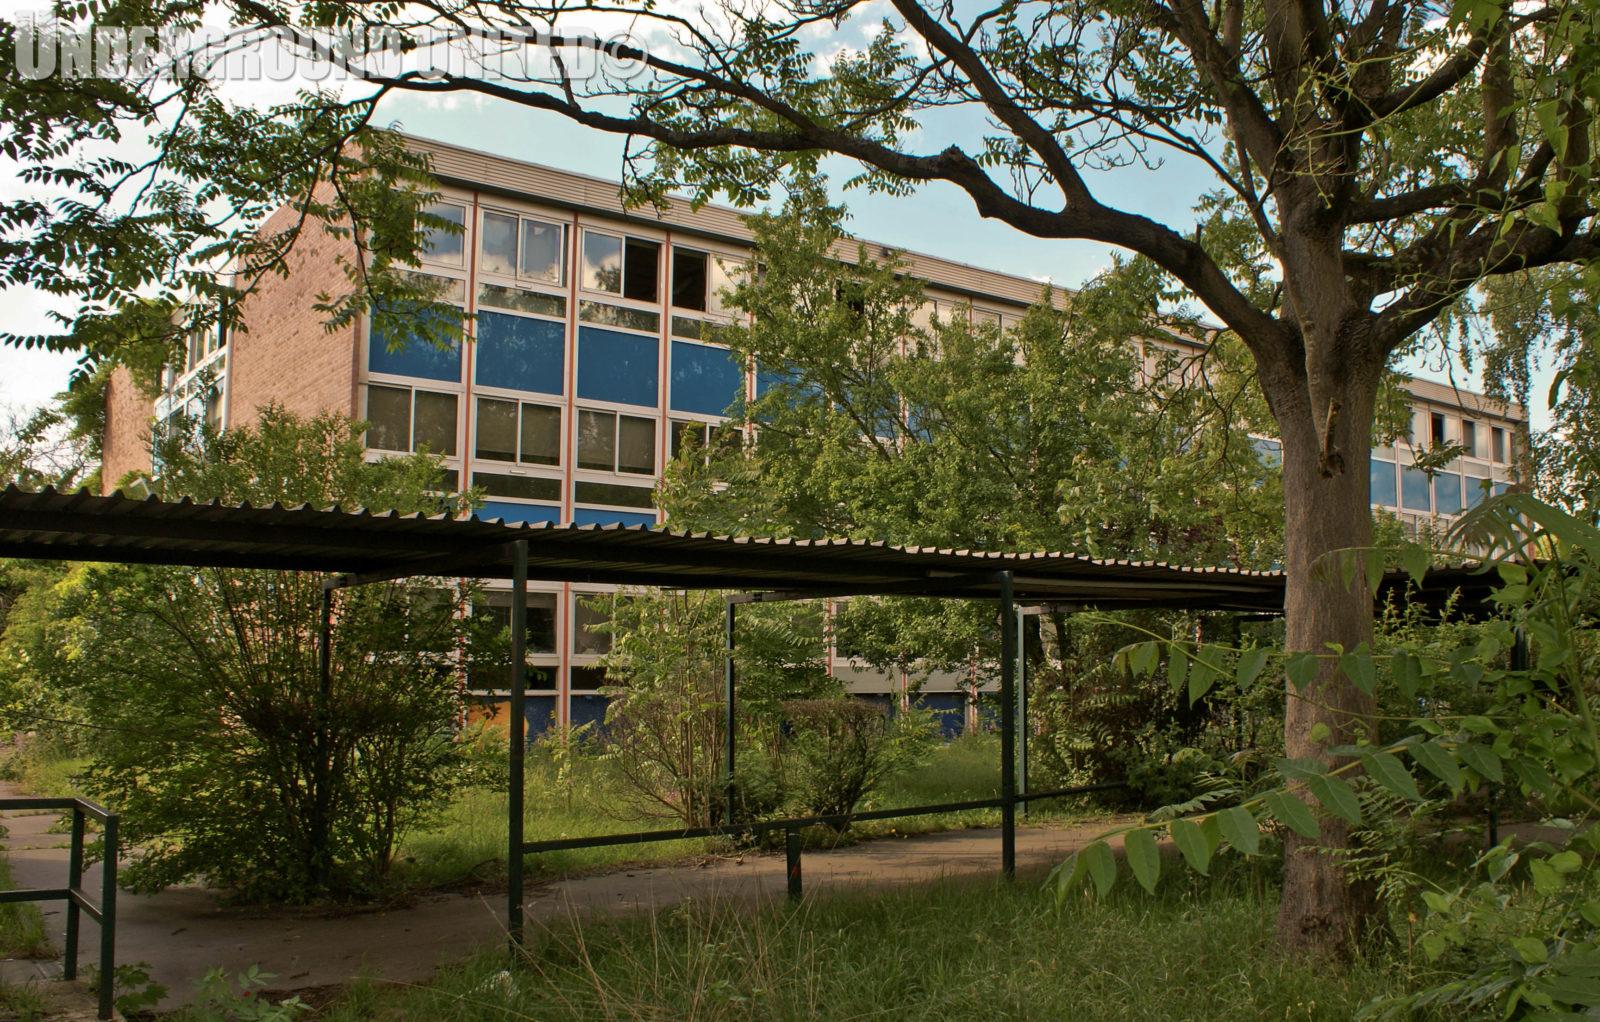 rentreescolaire college lieuxabandonnes urbex explorationurbaine radar allurbanmakers undergroundunited 40825o - De la maternelle à la fac, découvrez les plus belles écoles abandonnées !